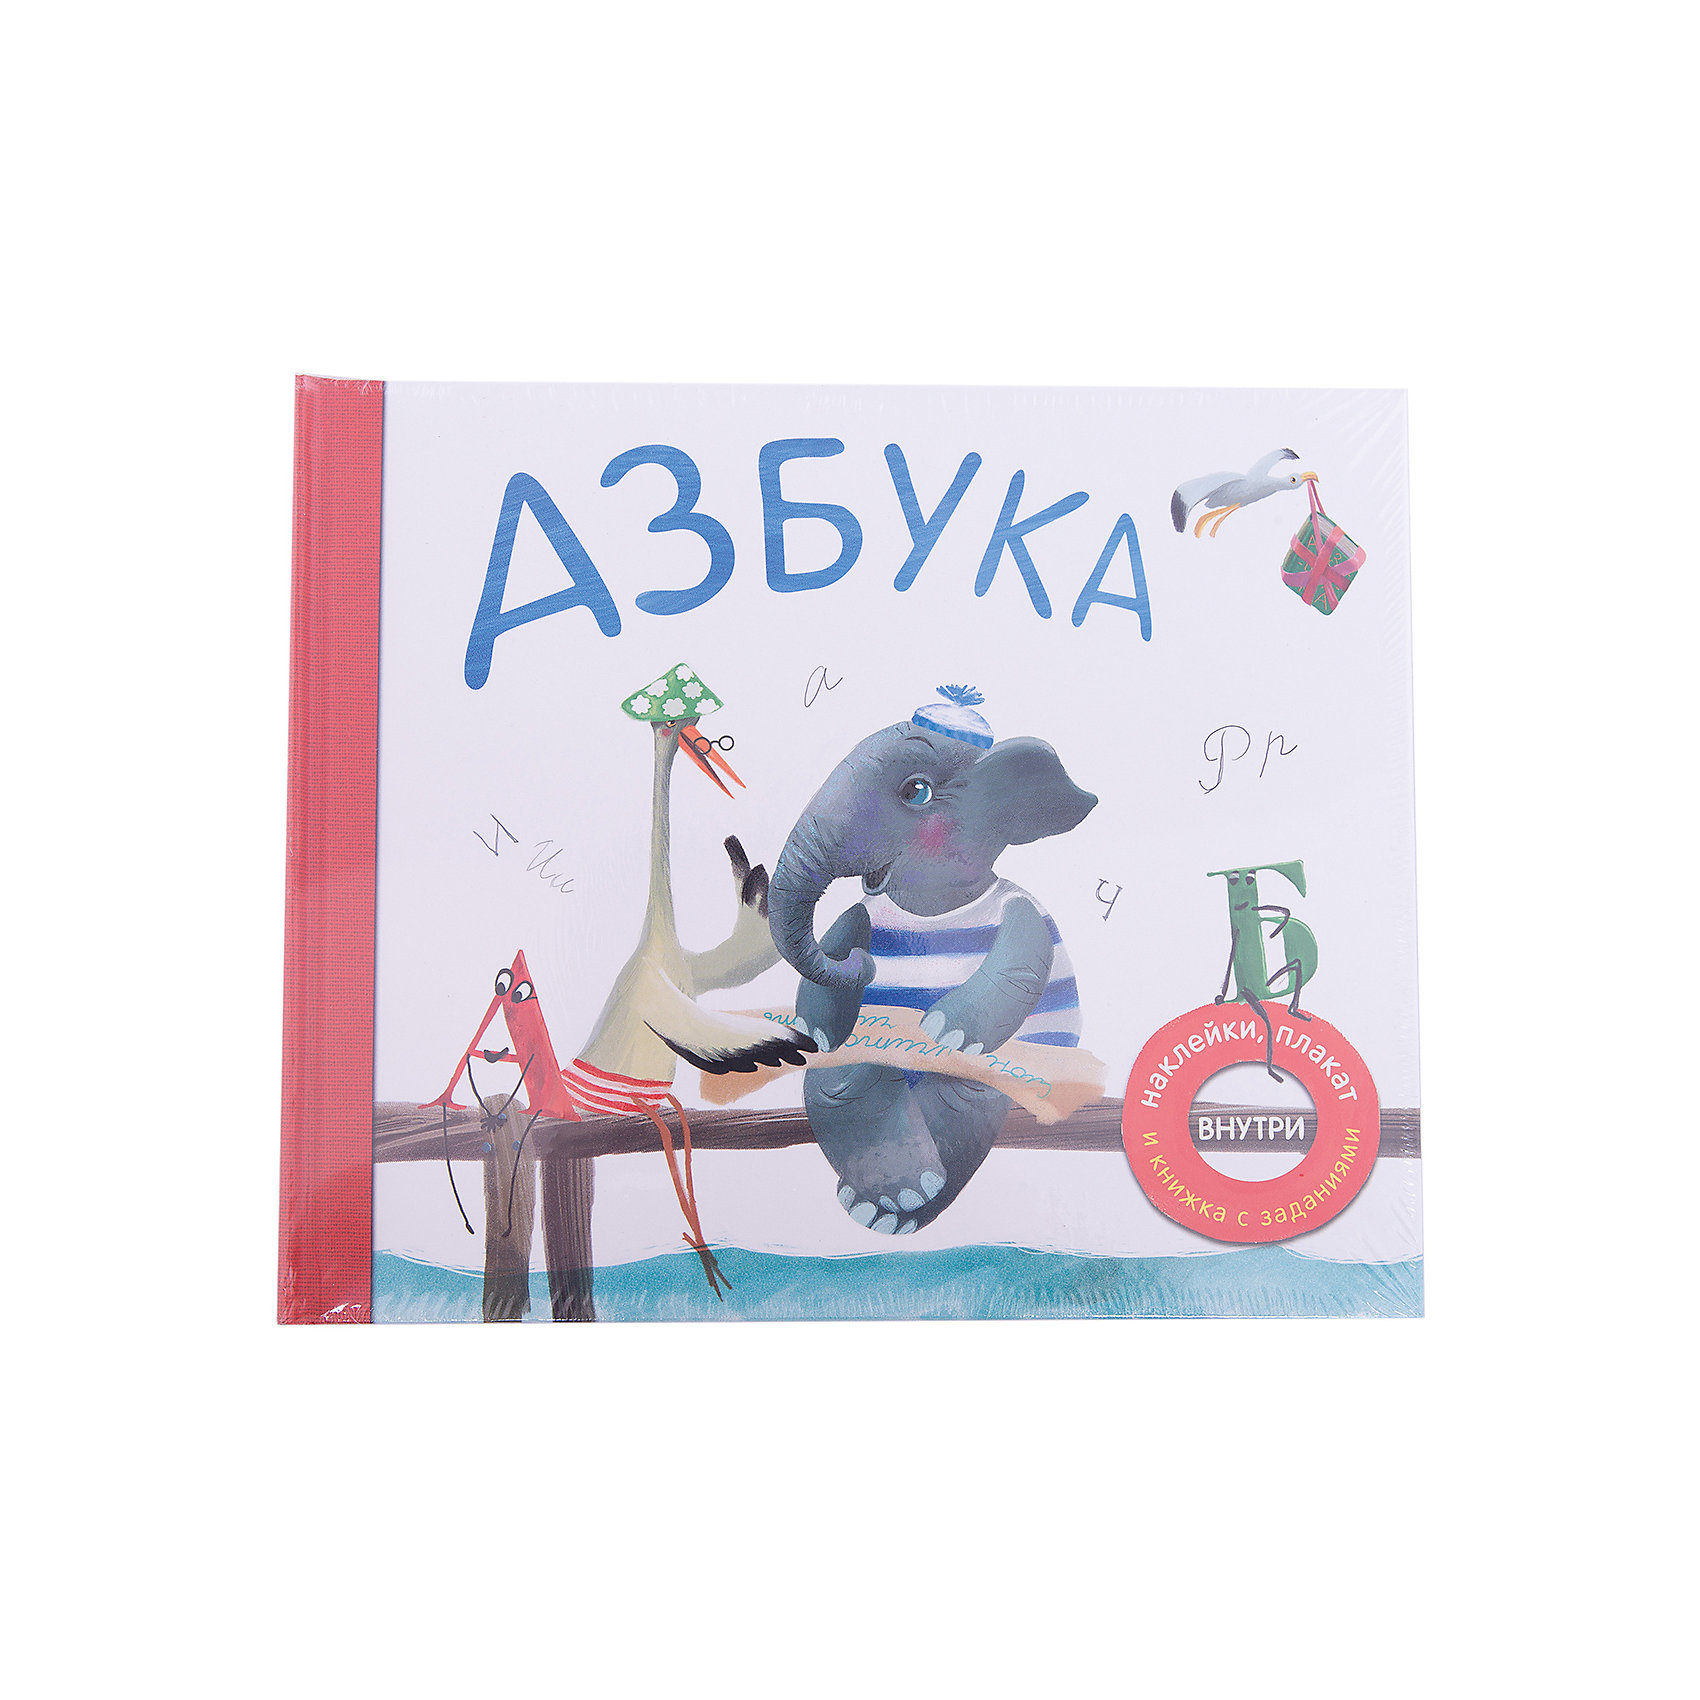 Азбука в стихахАзбуки<br>Характеристики товара:<br><br>• возраст: от 3 лет<br>• авторы идеи: В. Вилюнова, Н. Магай<br>• автор стихов: П. Михайлов<br>• художник: Чайка Лариса Э.<br>• издательство: Мозаика-Синтез, 2016 г.<br>• переплет: полужесткий<br>• оформление: наклейки стикеры, плакат, книжка с заданиями<br>• иллюстрации: цветные<br>• количество страниц: 66<br>• размер: 26,5х22х1,4 см.<br>• вес: 587 гр.<br>• ISBN: 9785431507830<br><br>Эта необычная книга станет отличным подарком для каждого ребенка. Путешествуя по страницам книги вместе со слоником и его веселыми друзьями, ребенок легко выучит все буквы алфавита.<br><br>Каждой букве посвящен отдельный разворот книги. Ребенку будет просто запомнить новую букву благодаря замечательному стихотворению и красочной картинке, которую так интересно рассматривать.<br><br>Стихи в книге необычные, слова в них подобраны таким образом, чтобы новая буква в них повторялась как можно чаще – так ее легче выучить.<br><br>На внутренней стороне обложки ребенка ждет сюрприз – в специальных кармашках он найдет большой плакат с алфавитом и яркими наклейками, и книжку с увлекательными заданиями, которые помогут закрепить полученные знания.<br><br>Книгу «Азбука в стихах» можно купить в нашем интернет-магазине.<br><br>Ширина мм: 14<br>Глубина мм: 265<br>Высота мм: 220<br>Вес г: 587<br>Возраст от месяцев: 36<br>Возраст до месяцев: 84<br>Пол: Унисекс<br>Возраст: Детский<br>SKU: 6896503